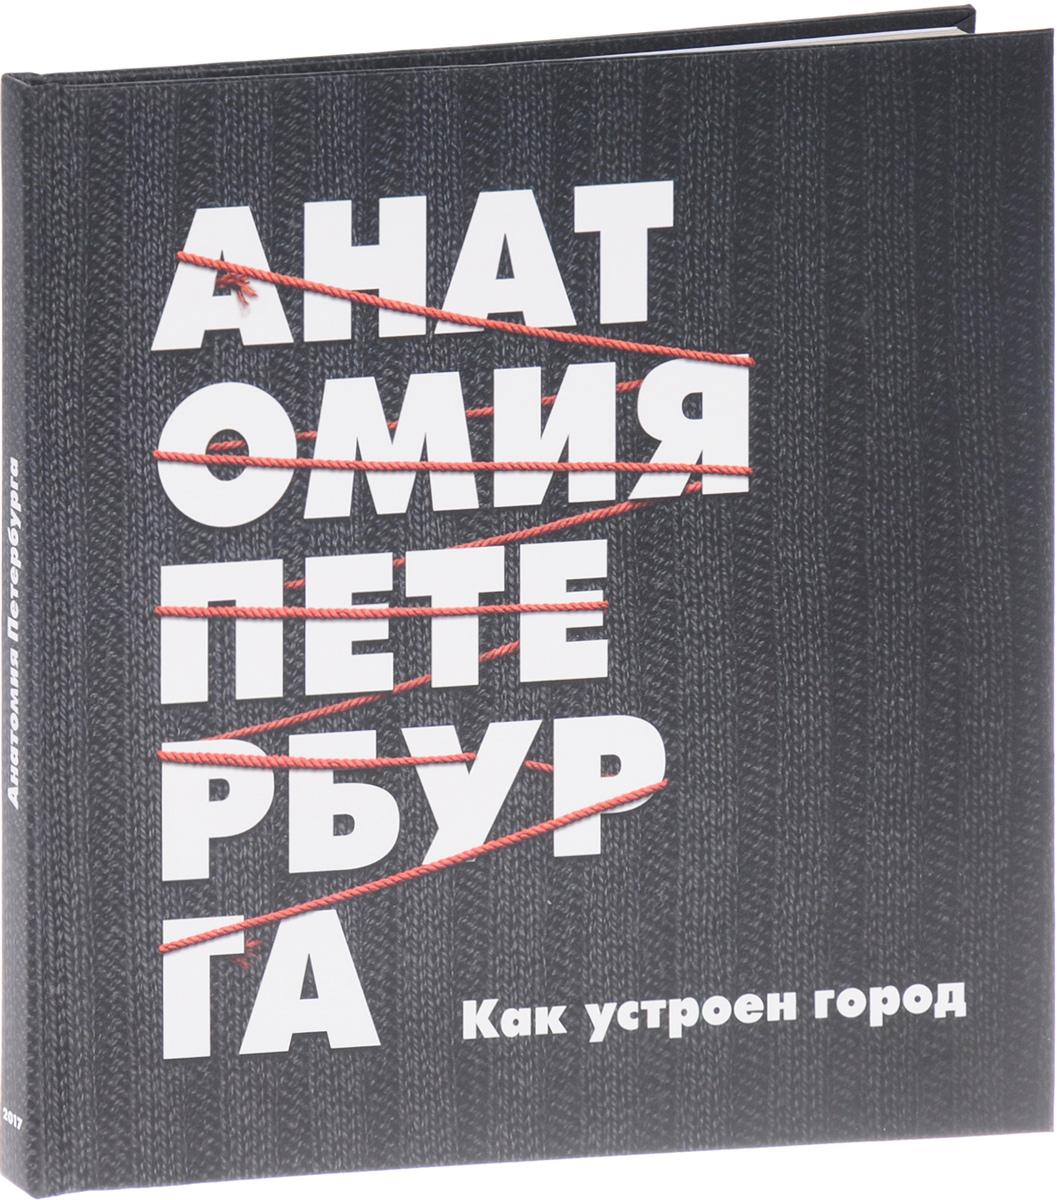 С. Балуев Анатомия Петербурга. Как устроен город. Теория заговора